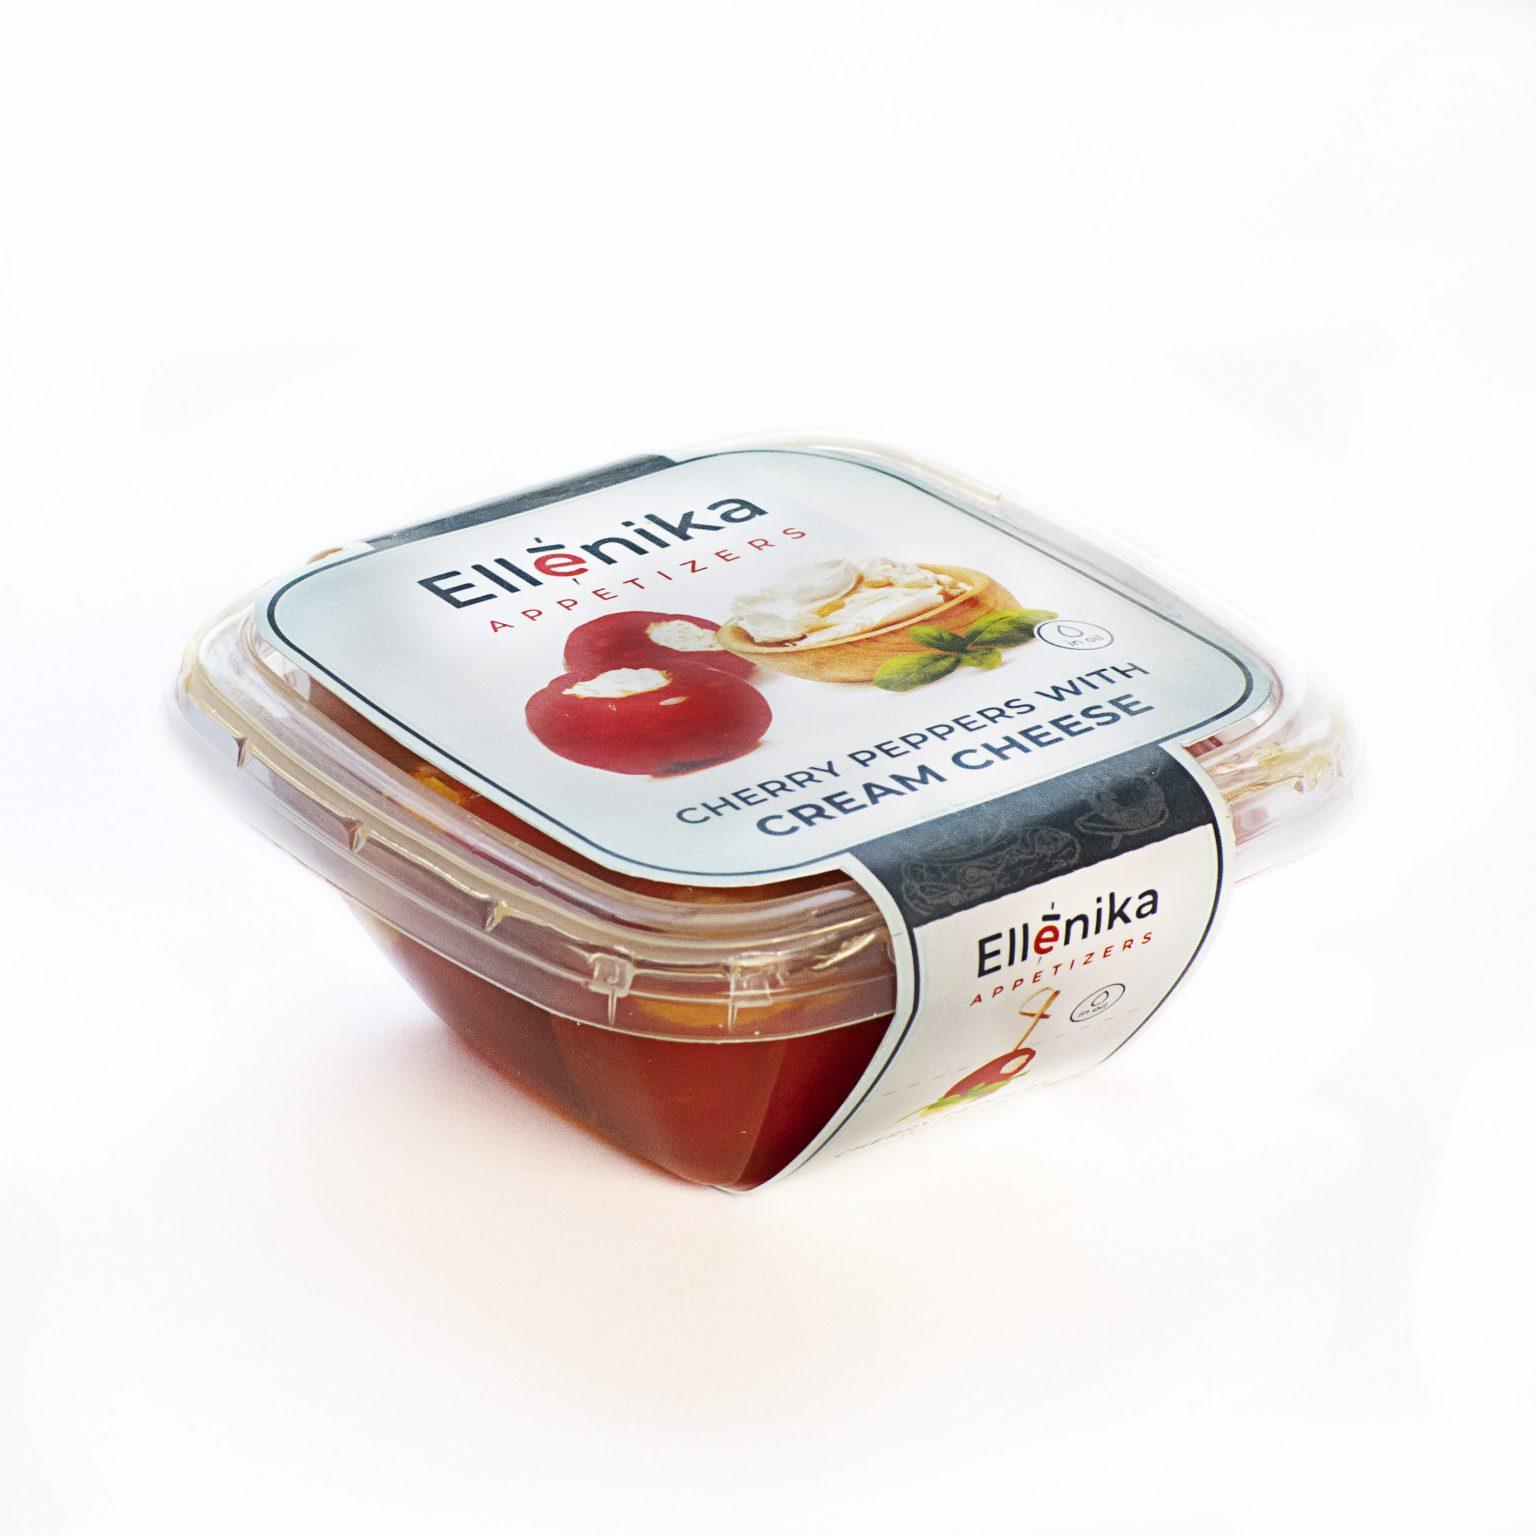 Перчики-черри Ellenika фаршированные сливочным сыром со специями 130 г перчики фаршированные тунцом de luxe gartenz стеклянная банка 280 г